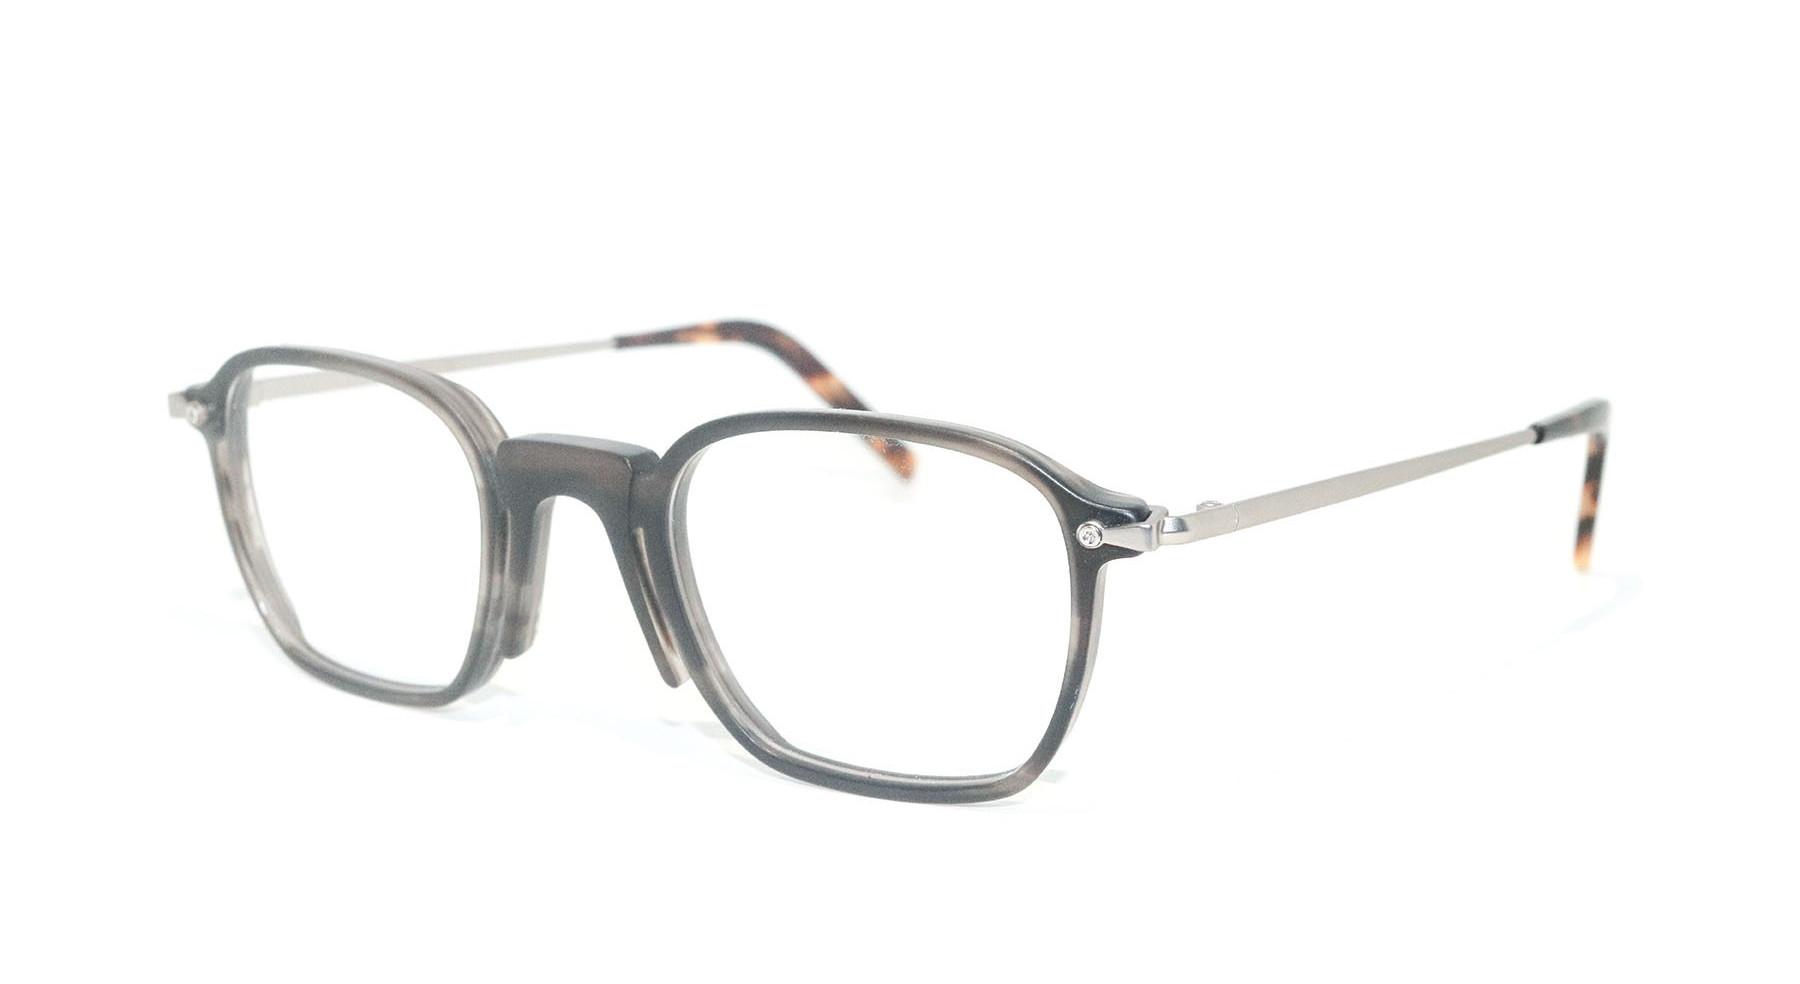 kleys-lunettes-francaises-JP-gris-mat-co